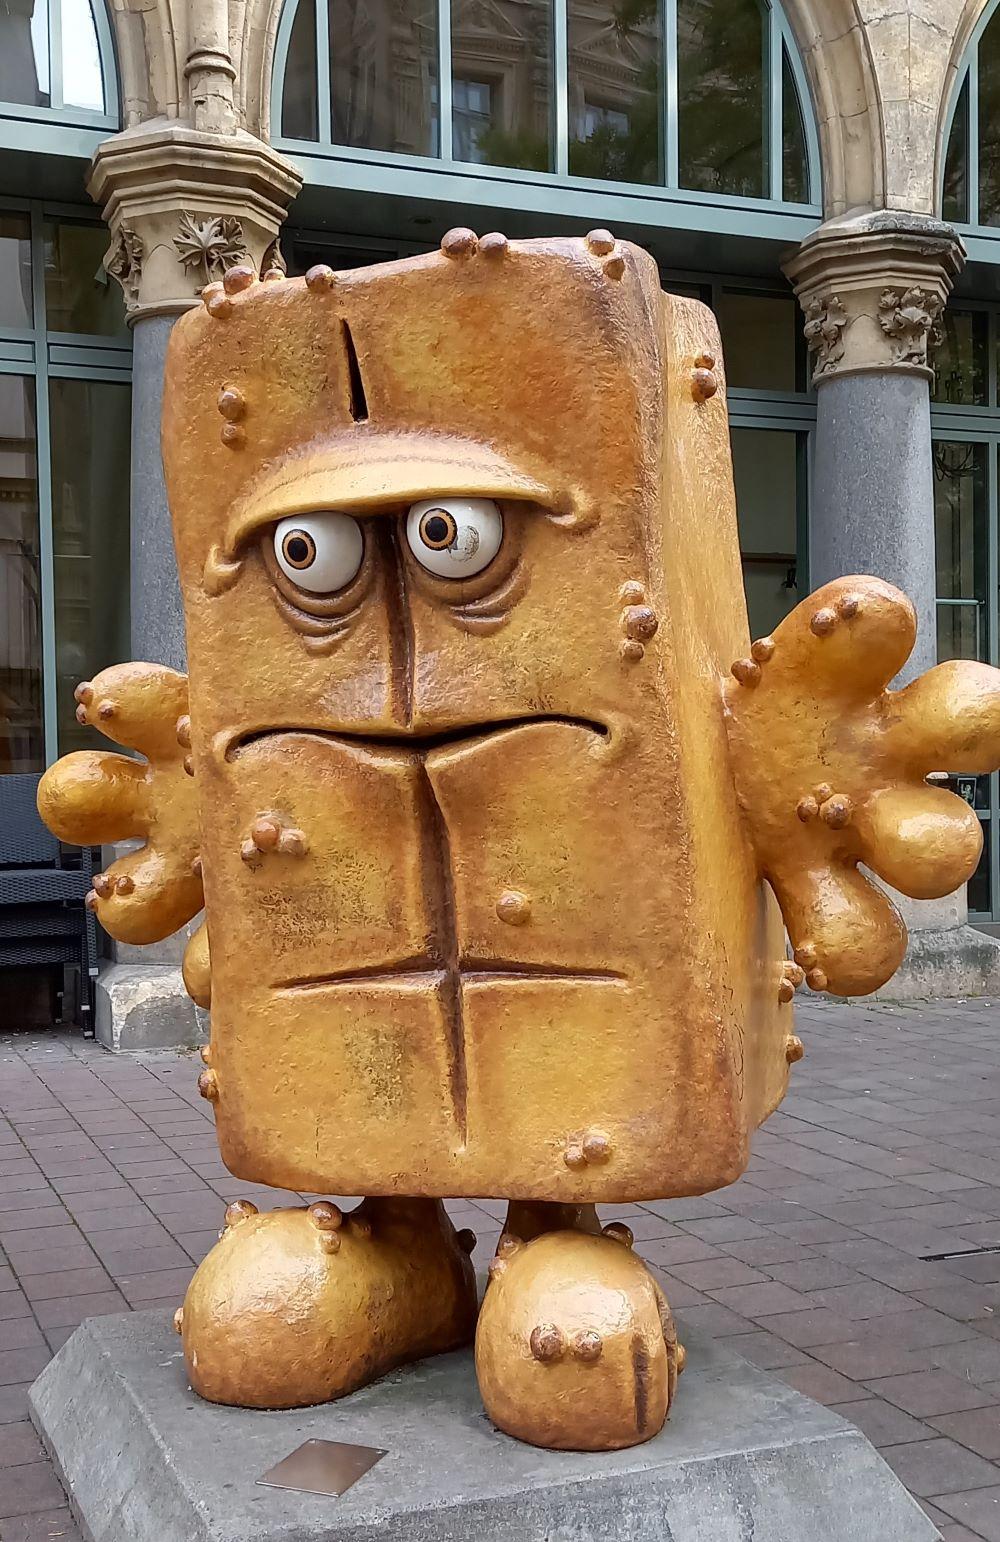 Bernd das Brot am Fischmarkt in Erfurt